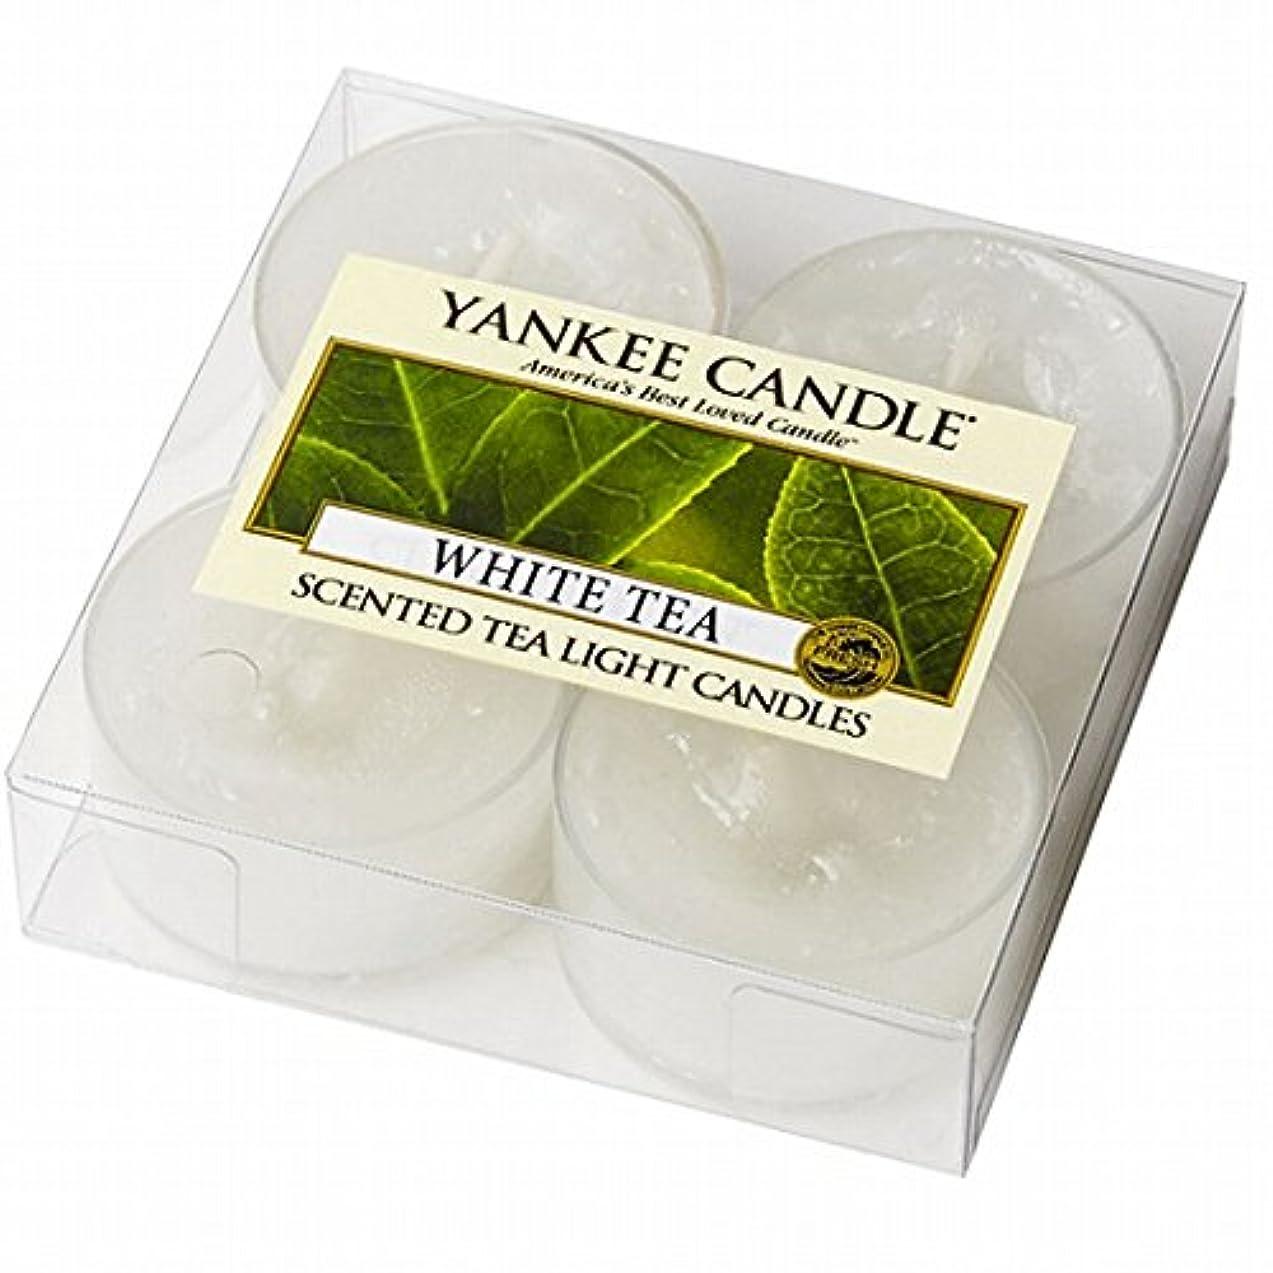 スイエスカレーター求人ヤンキーキャンドル(YANKEE CANDLE) YANKEE CANDLE クリアカップティーライト4個入り 「ホワイトティー」